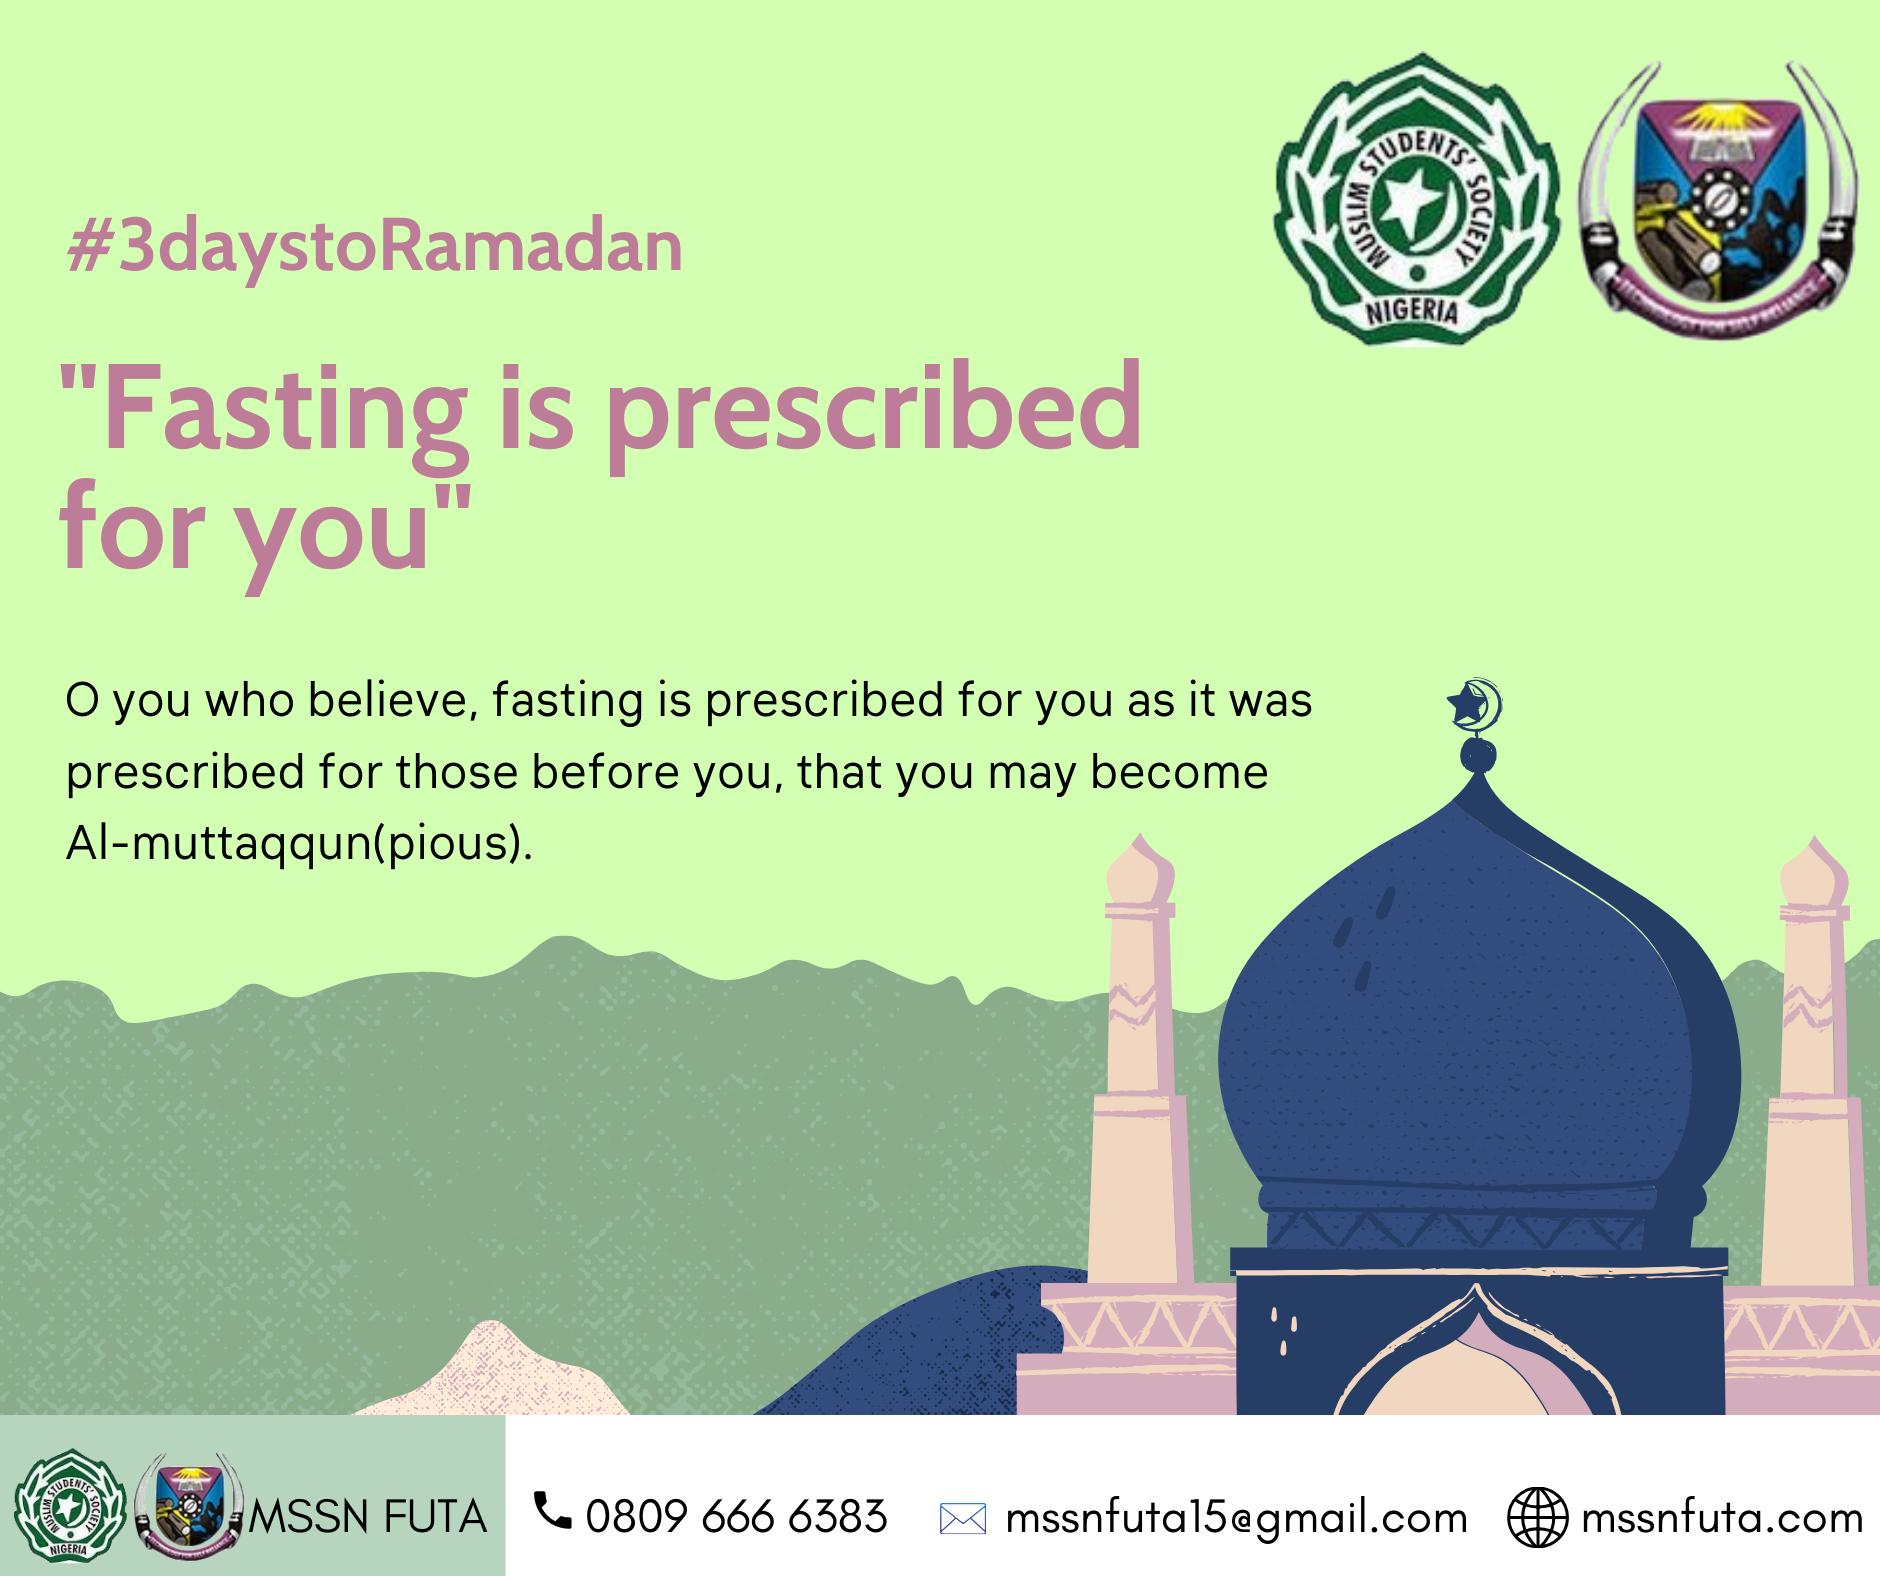 3 days to Ramadan